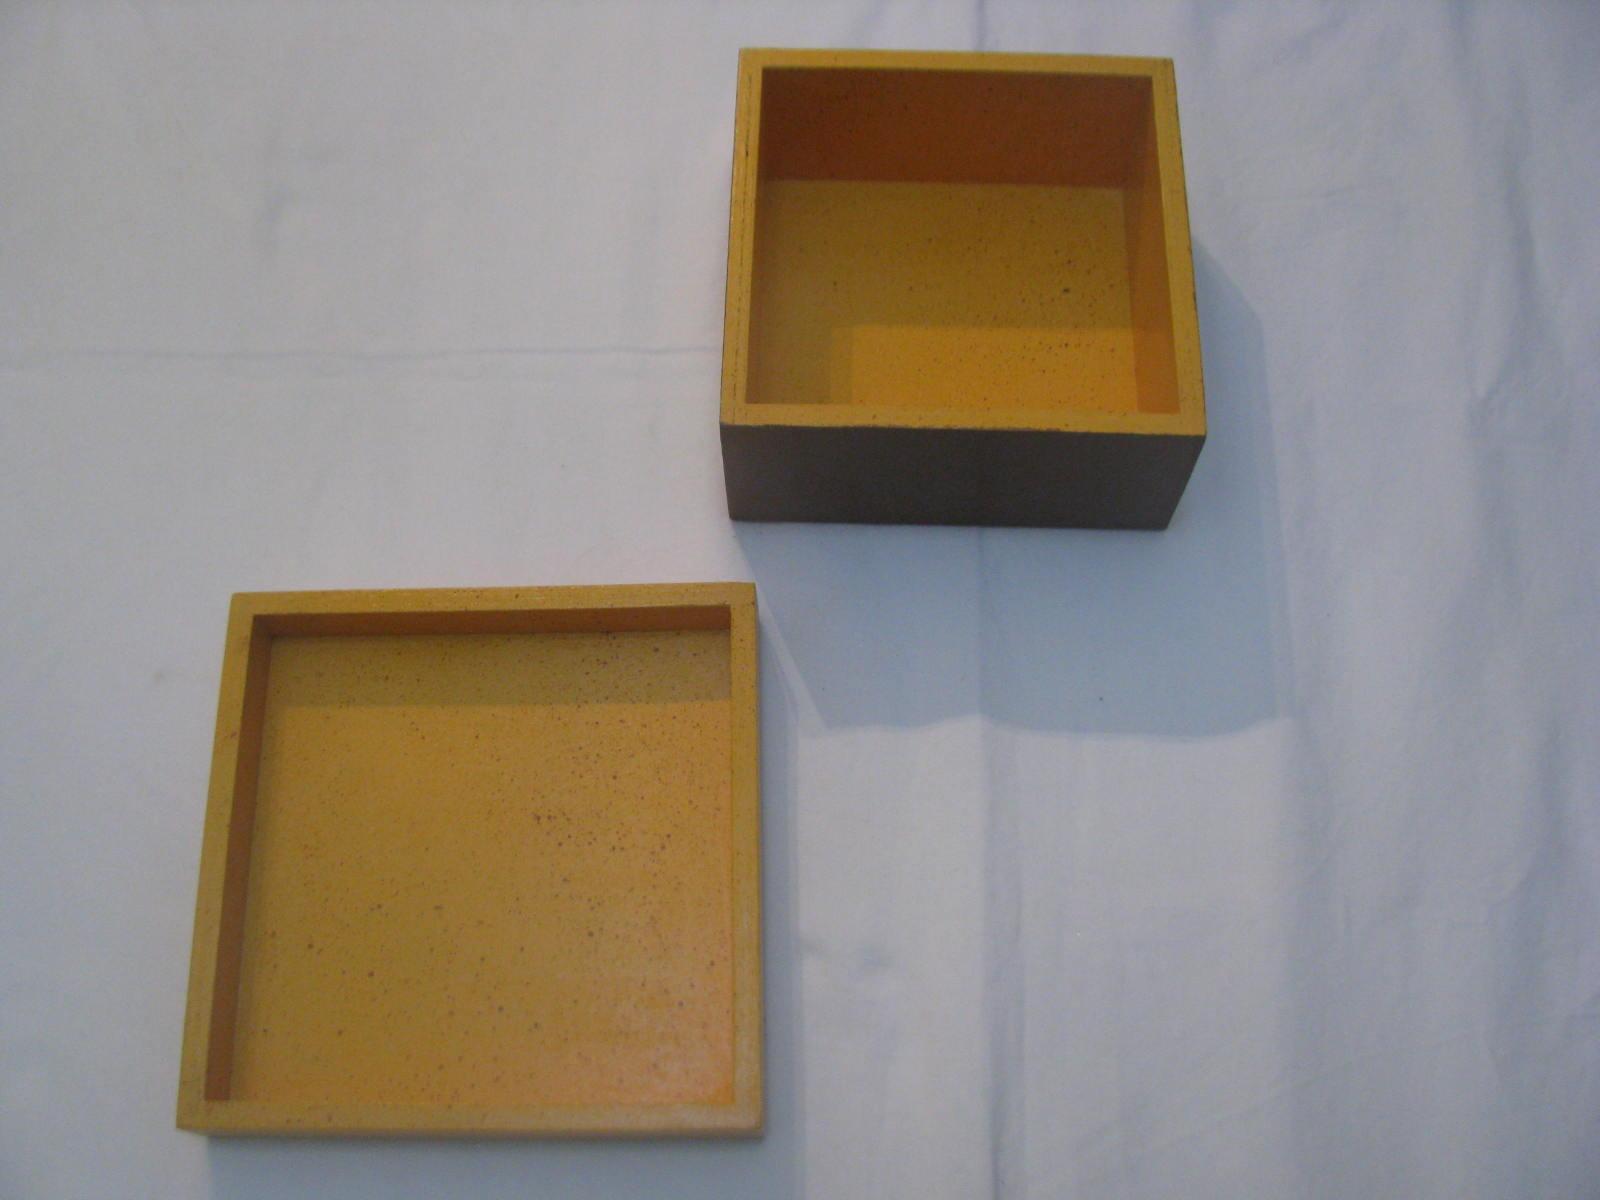 Cantinho do Céu: Caixa de Madeira tampa de simples encaixe #684118 1600x1200